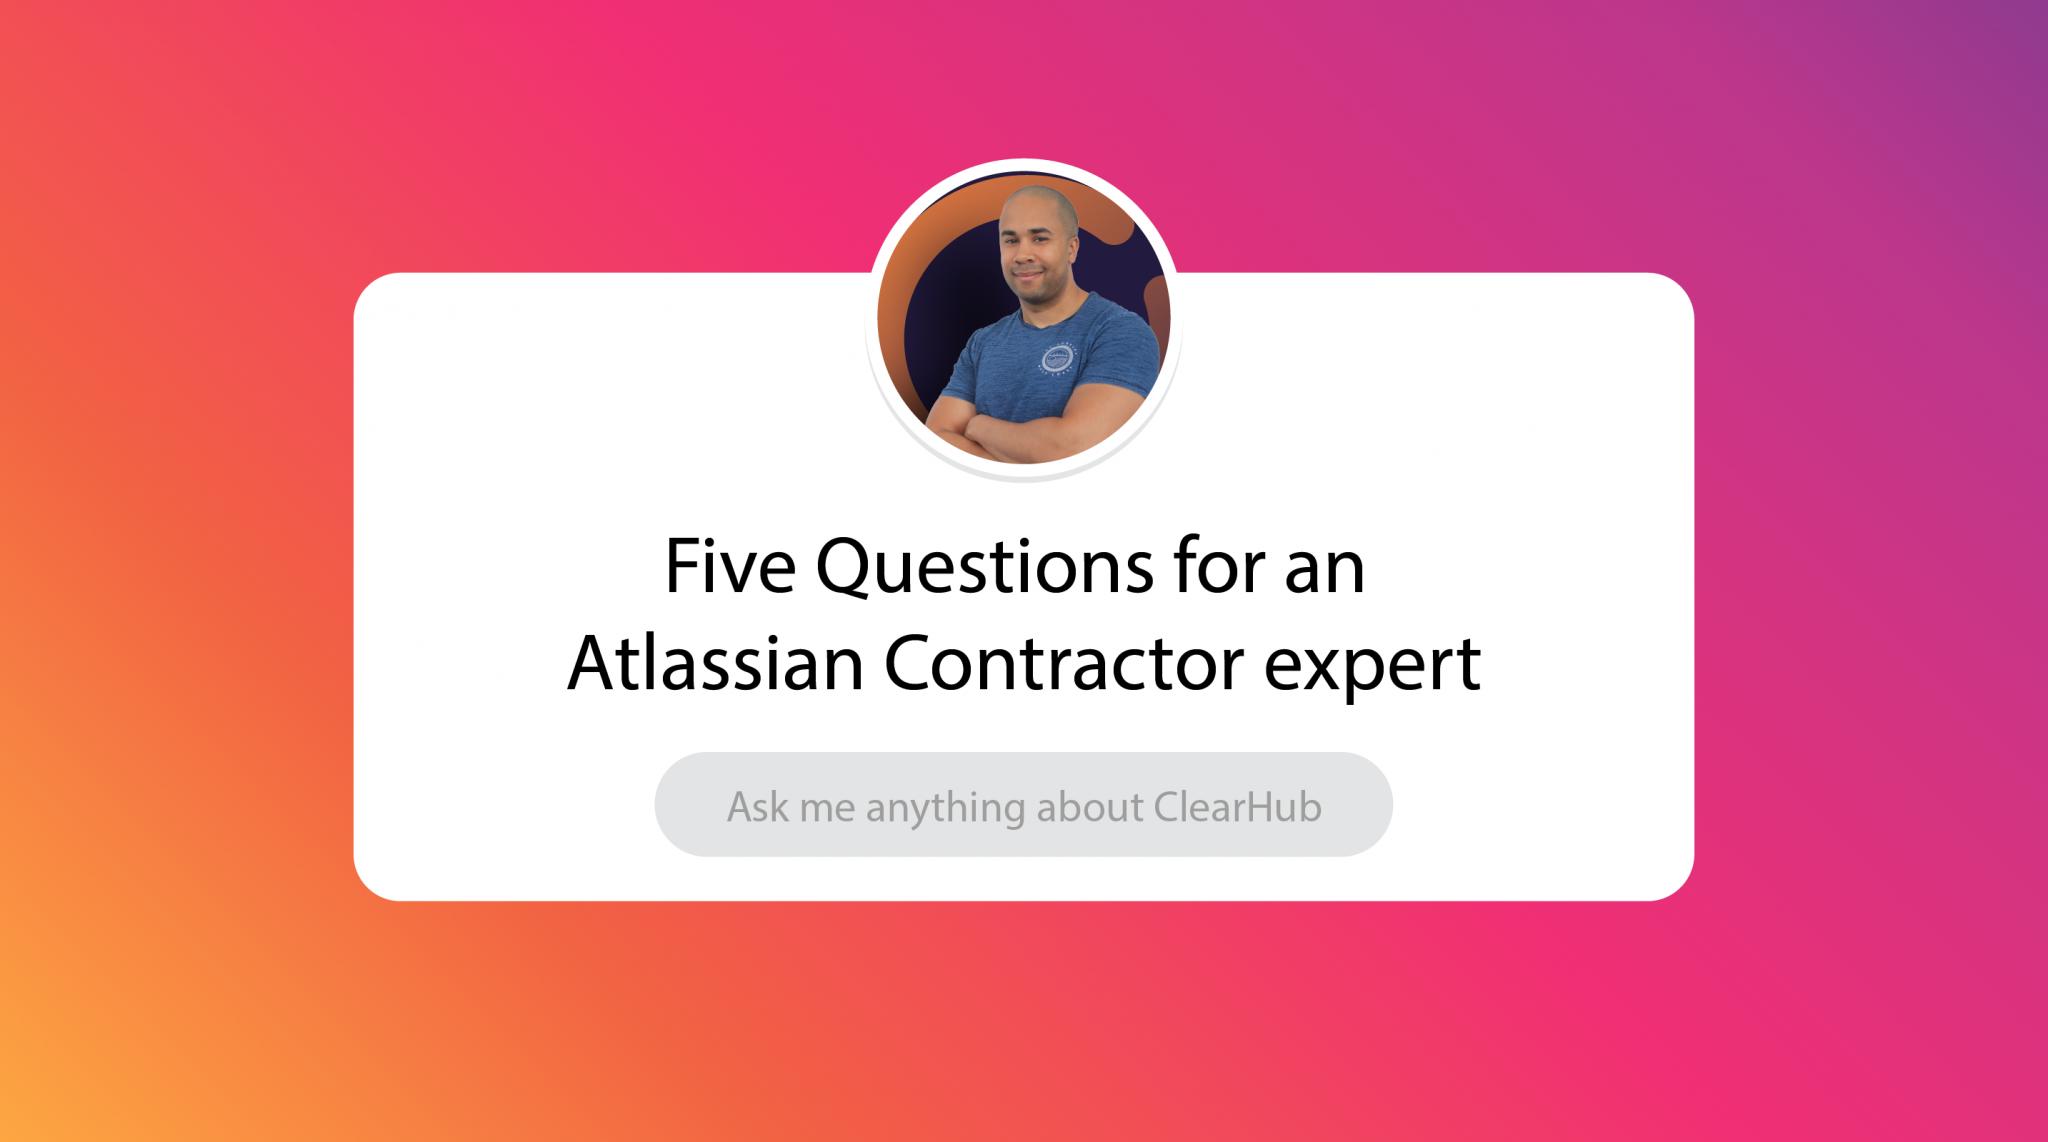 Atlassian Contractor